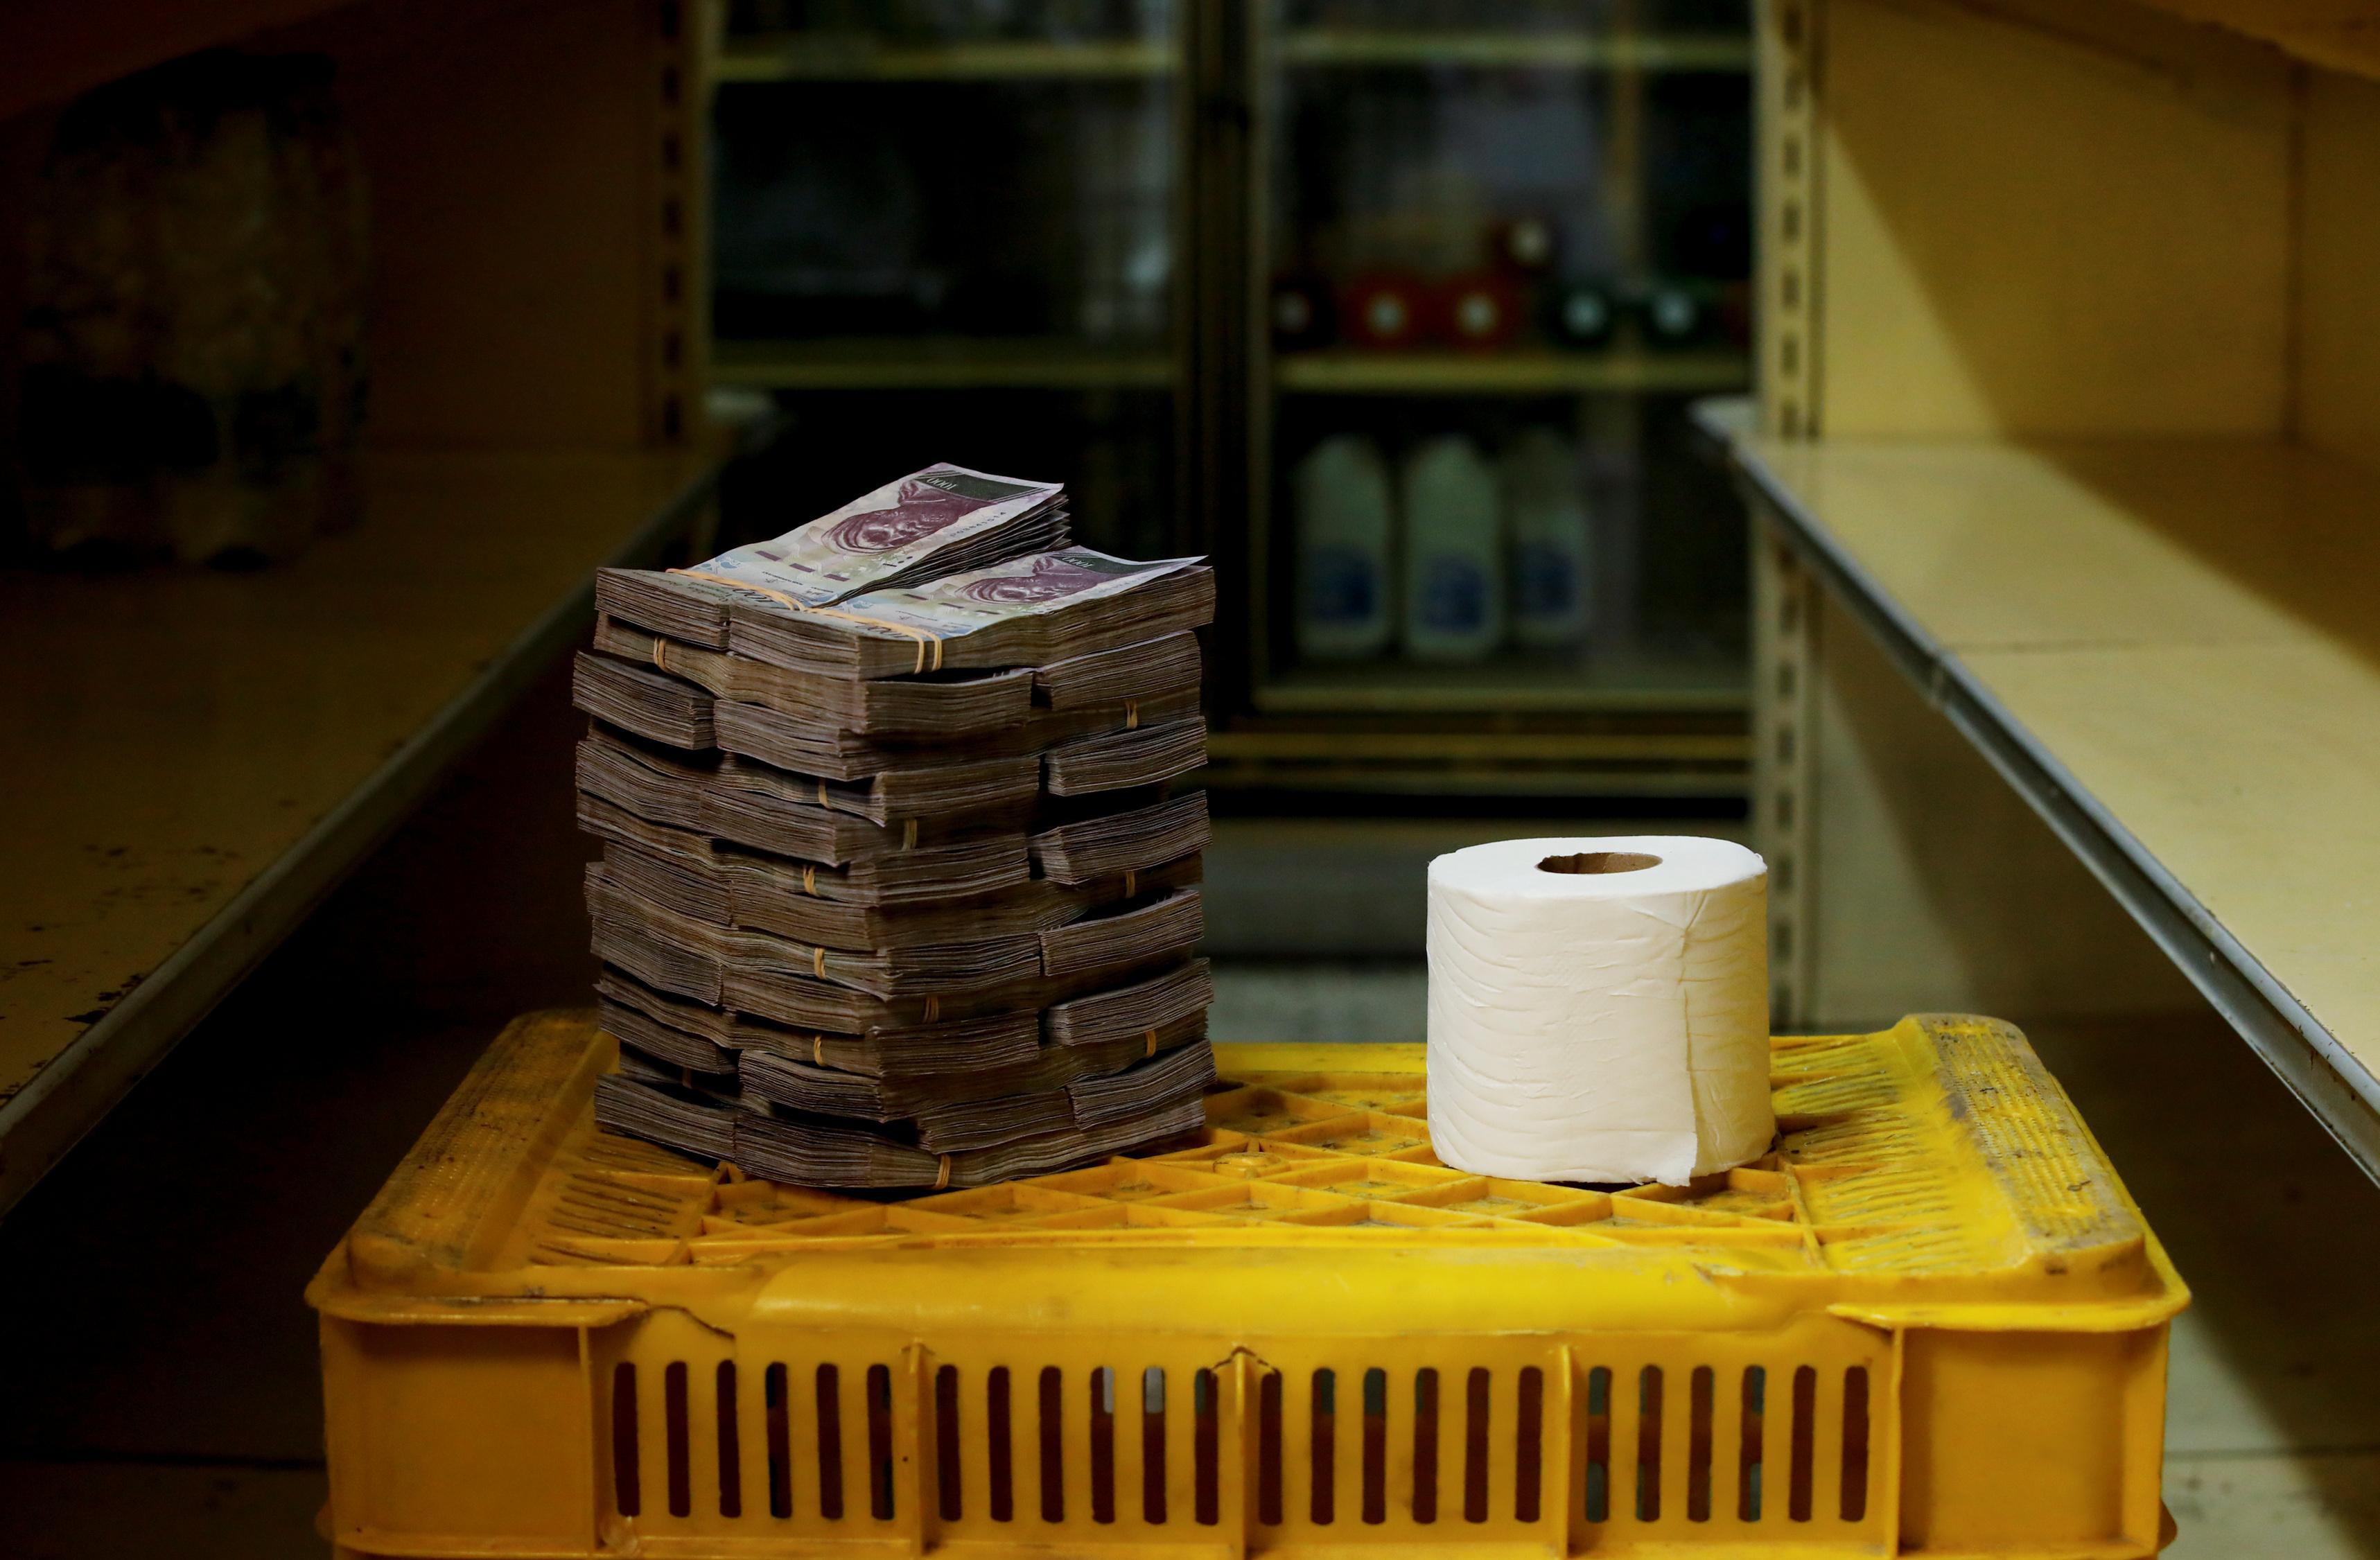 В августе 2018 года туалетную бумагу можно было купить за 2 миллиона 600 тысяч боливар – 40 американских центов